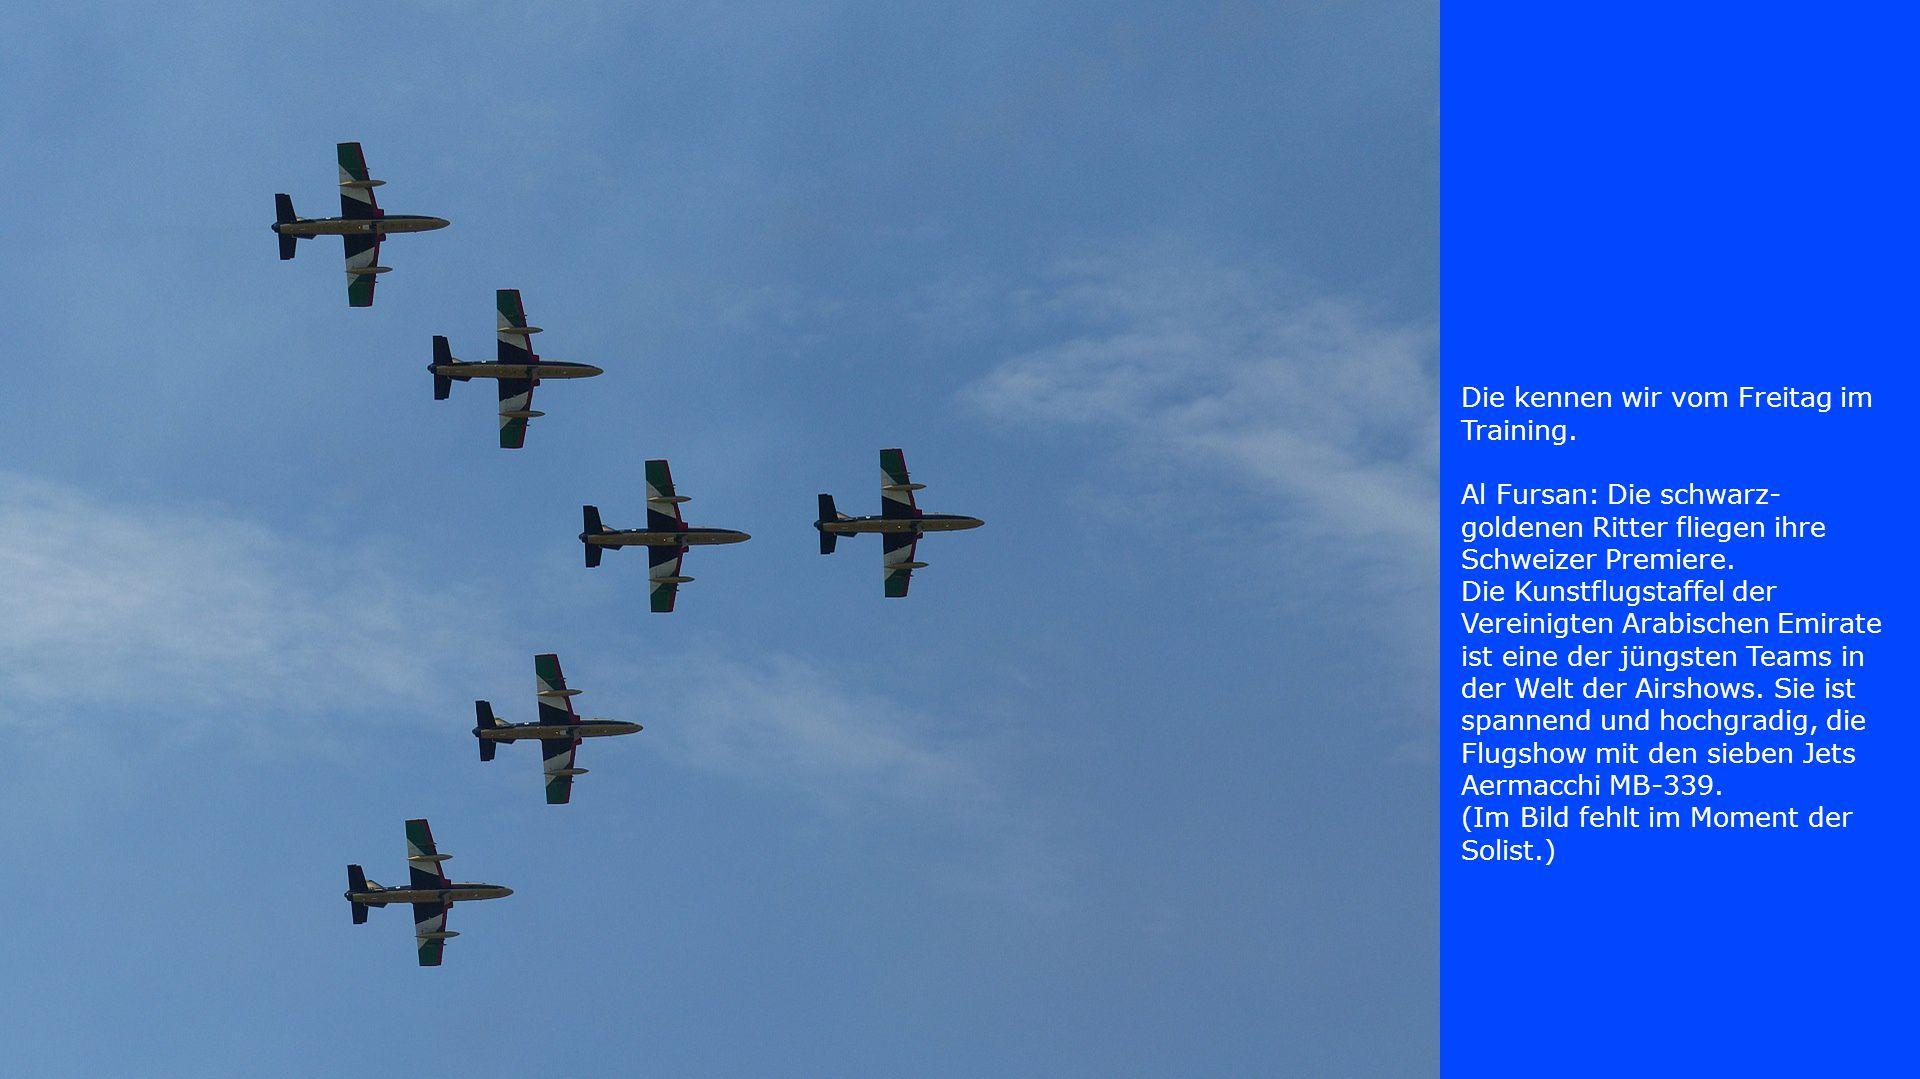 Die kennen wir vom Freitag im Training. Al Fursan: Die schwarz- goldenen Ritter fliegen ihre Schweizer Premiere. Die Kunstflugstaffel der Vereinigten